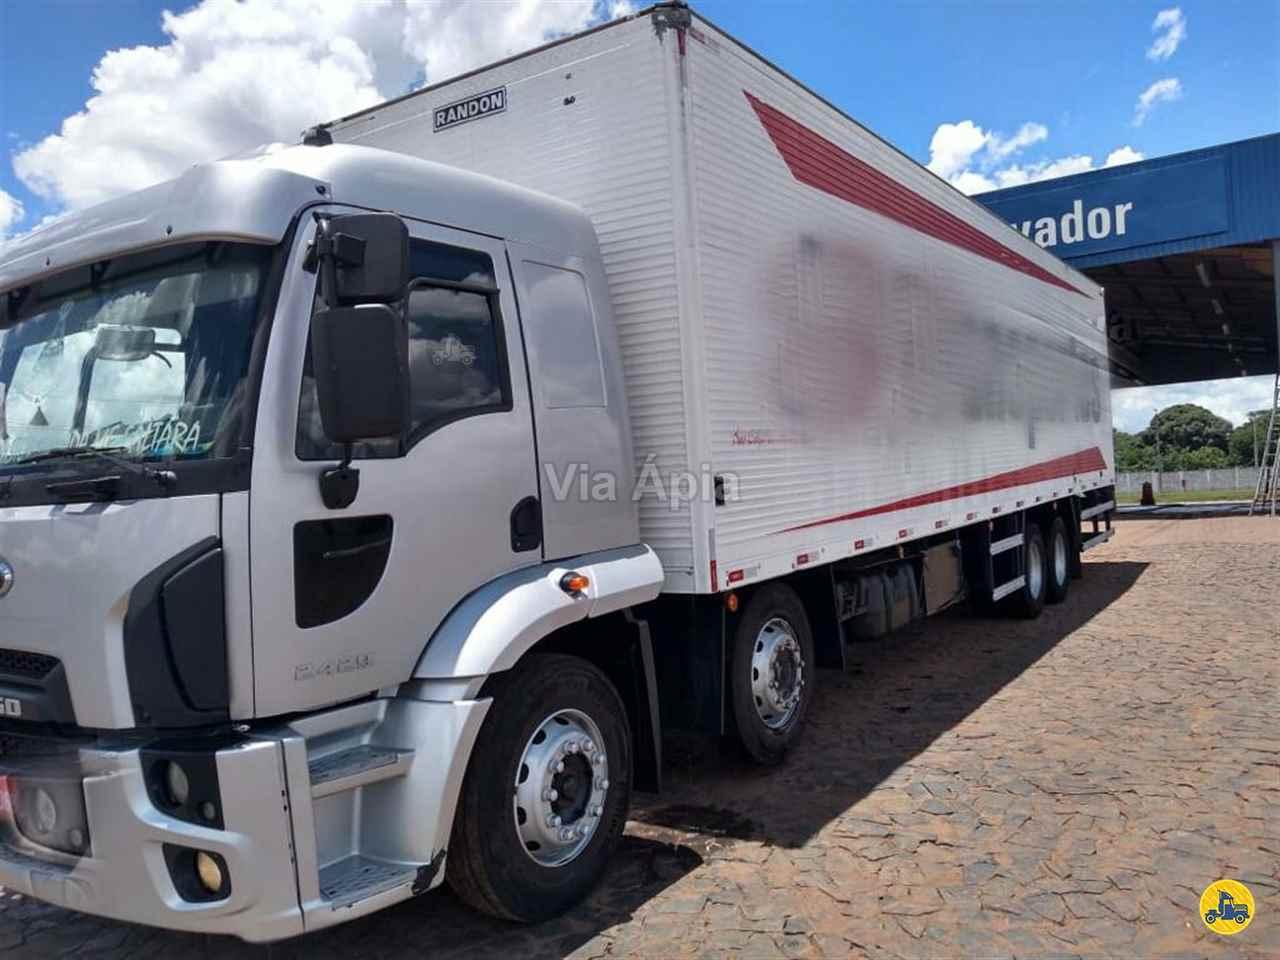 CAMINHAO FORD CARGO 2429 Chassis BiTruck 8x2 Via Ápia Caminhões SAO PAULO SÃO PAULO SP